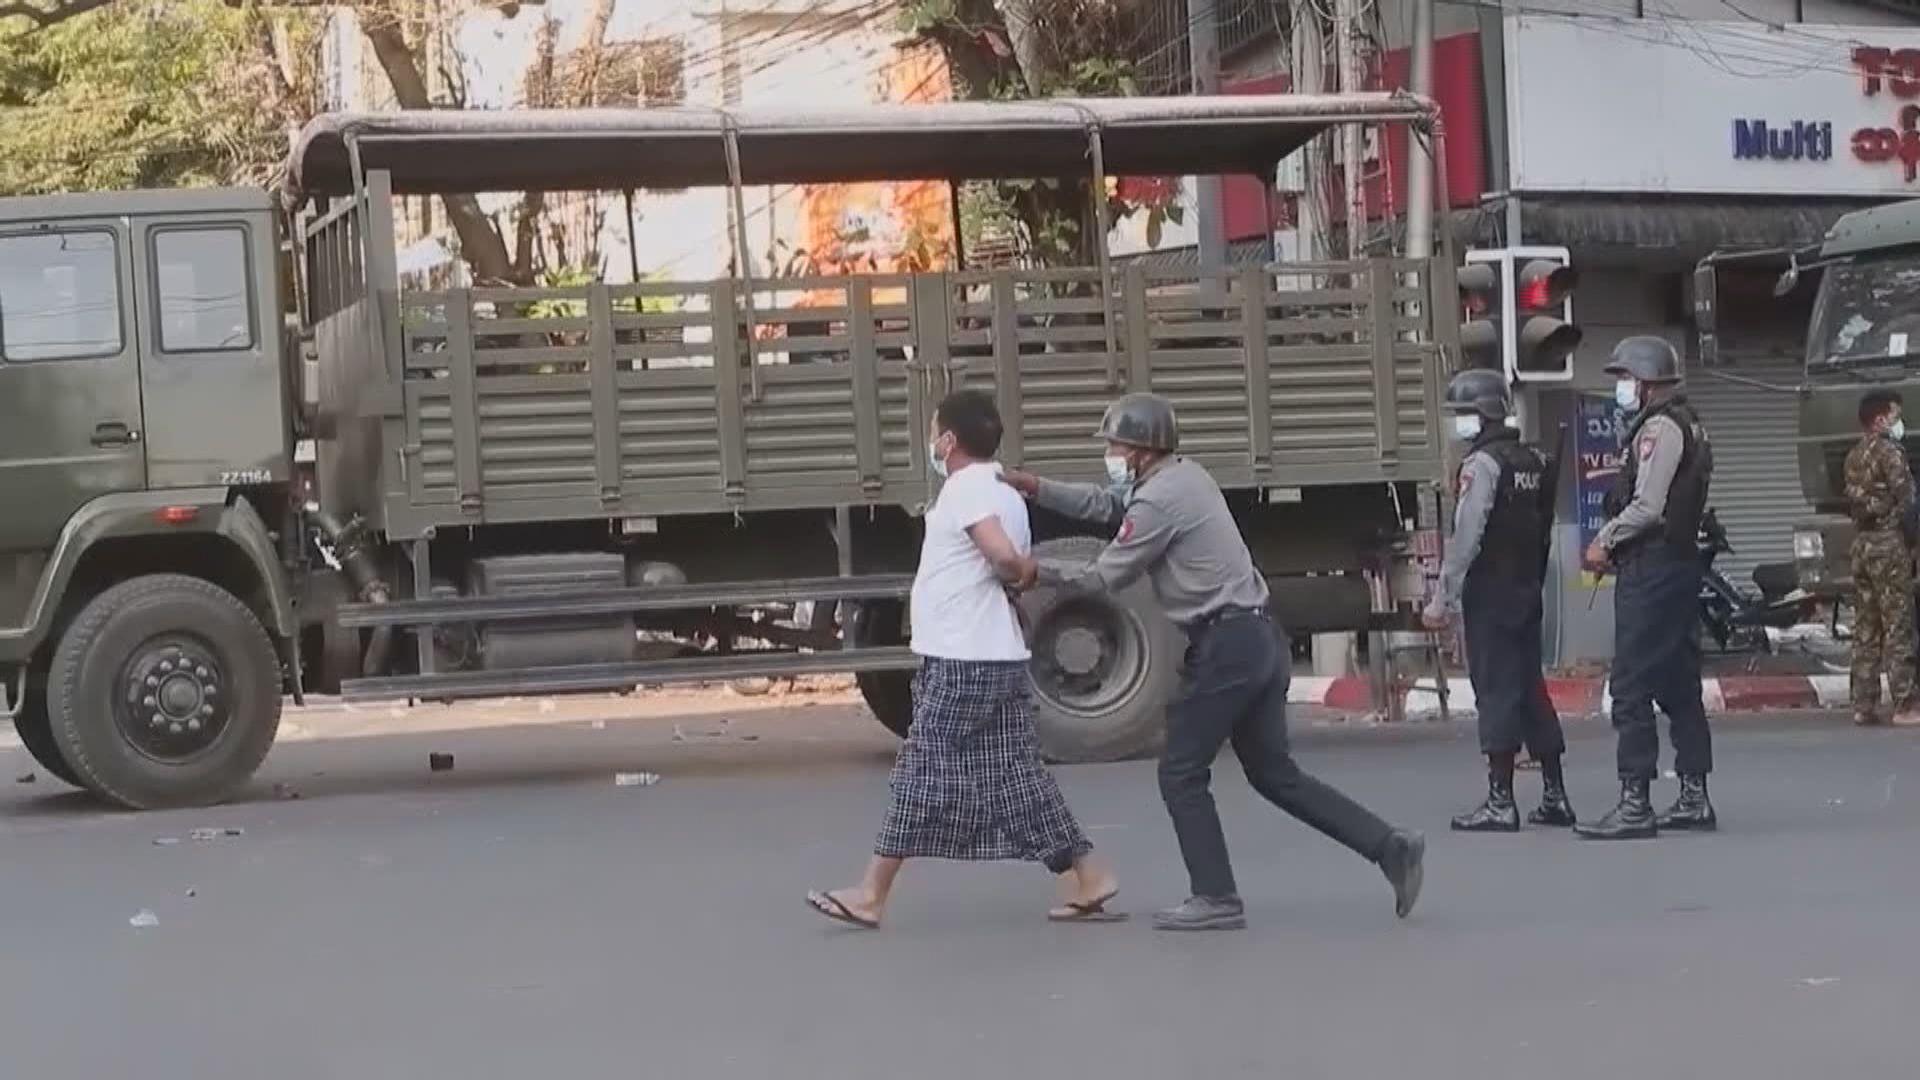 緬甸示威至少四百人被捕 聯合國:軍方做法猶向人民宣戰